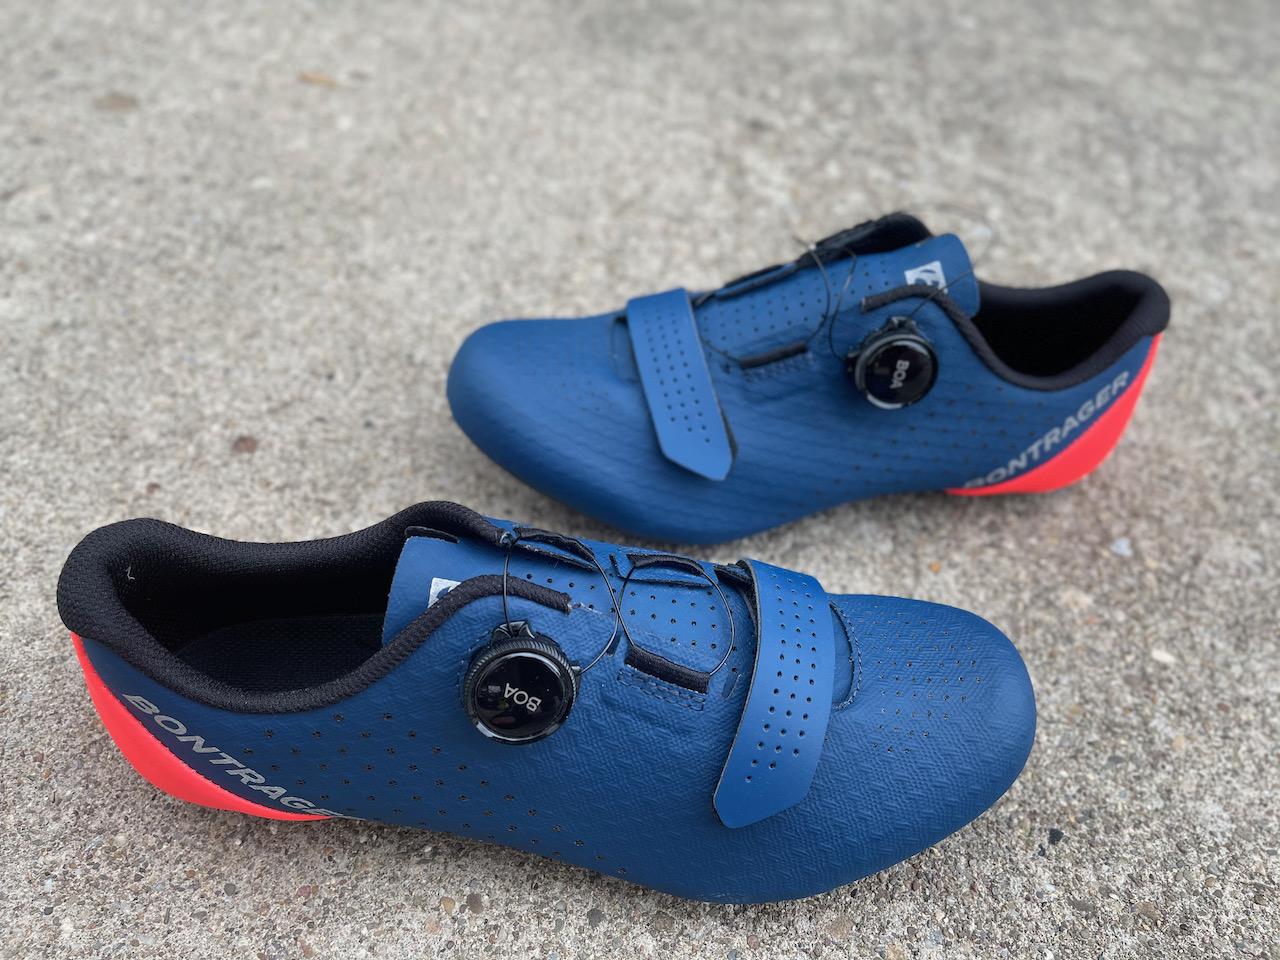 Bontrager Circuit shoe shoes details upper